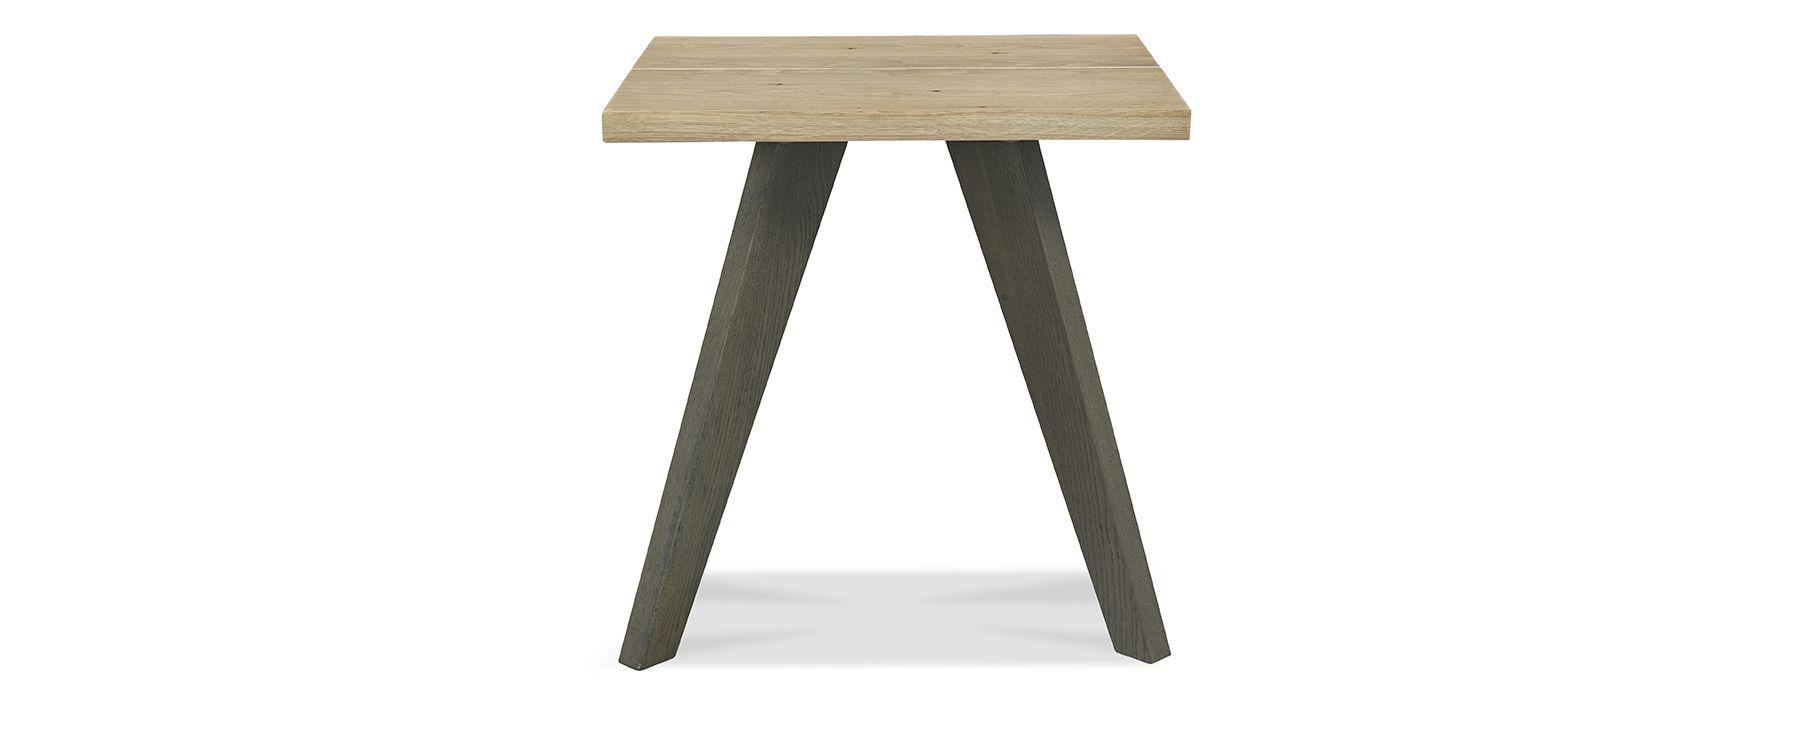 CARELL LAMP TABLE - L55cm x D50cm xH52cm - FRONT DETAIL